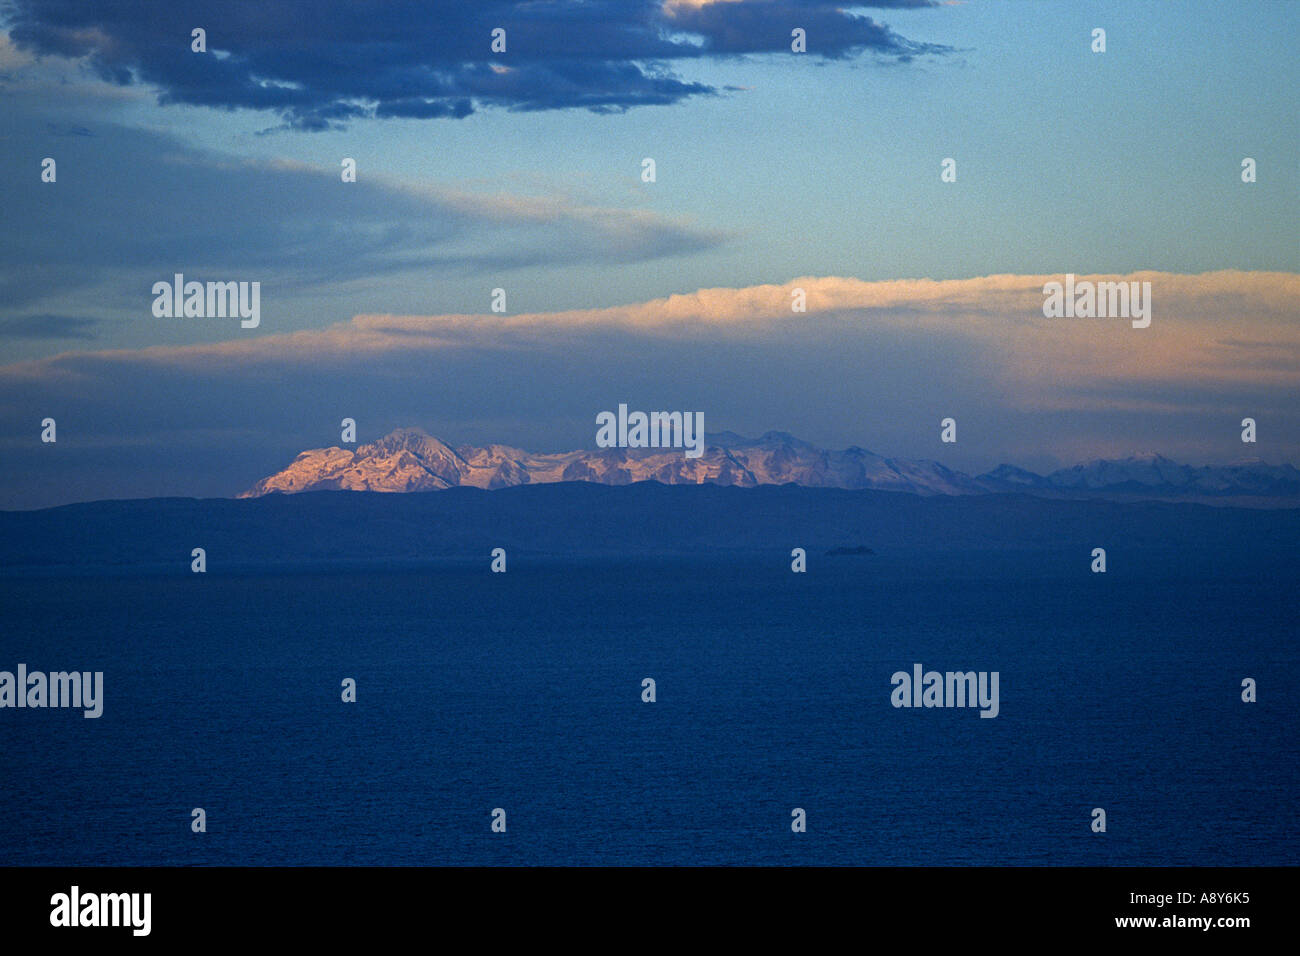 Twilight on the Titicaca lake (Peru). Crépuscule sur le lac Titicaca (Pérou). Stock Photo